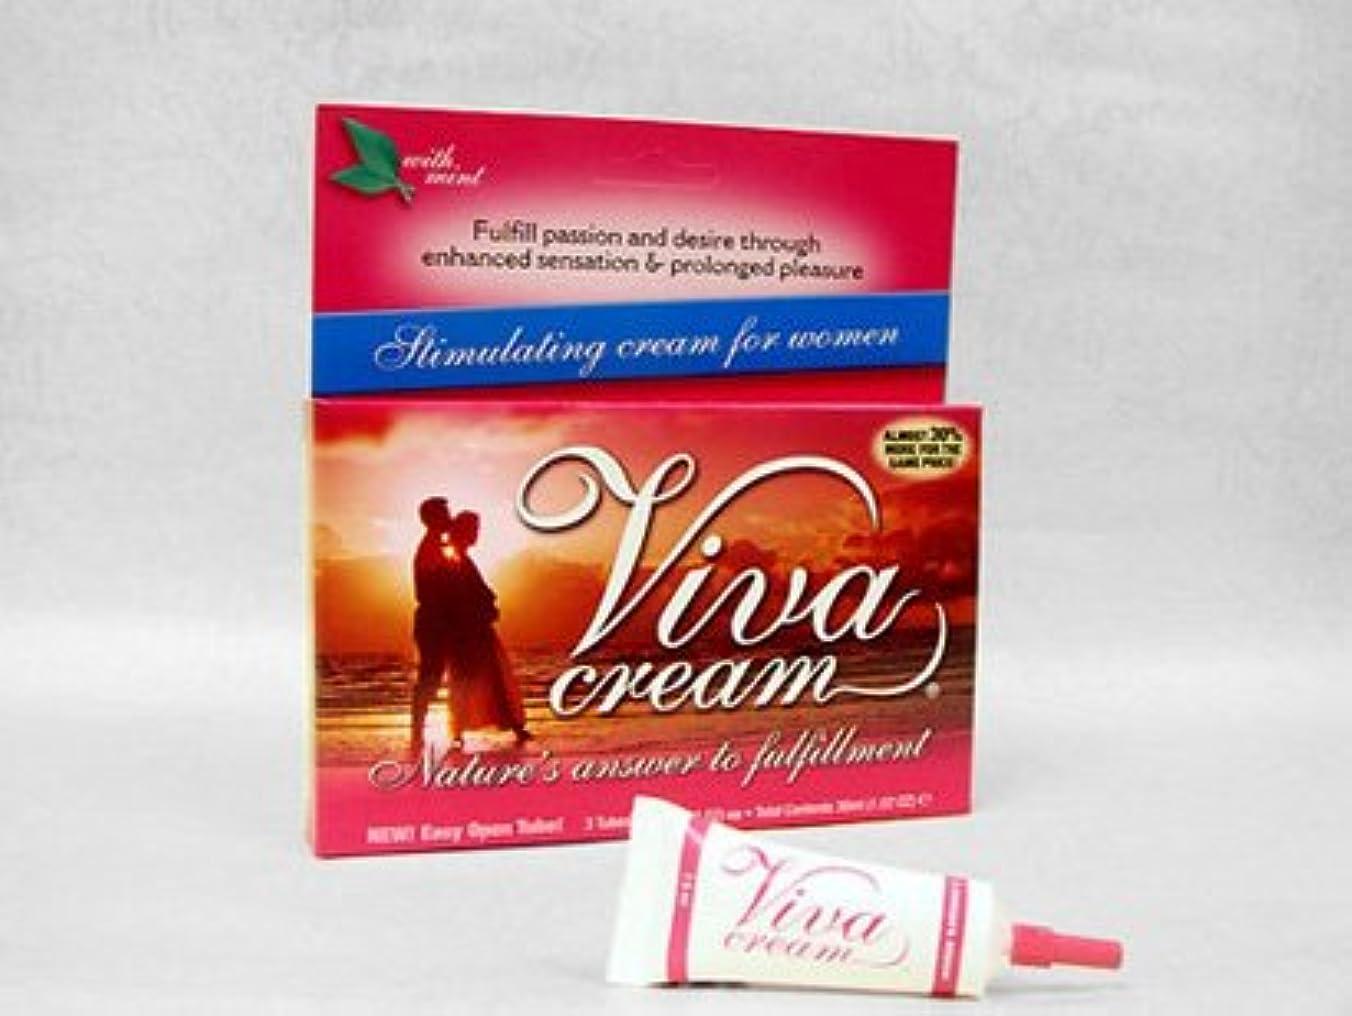 苦情文句代数的言い直すビバクリーム Viva Cream (7.5ml) 3本セット